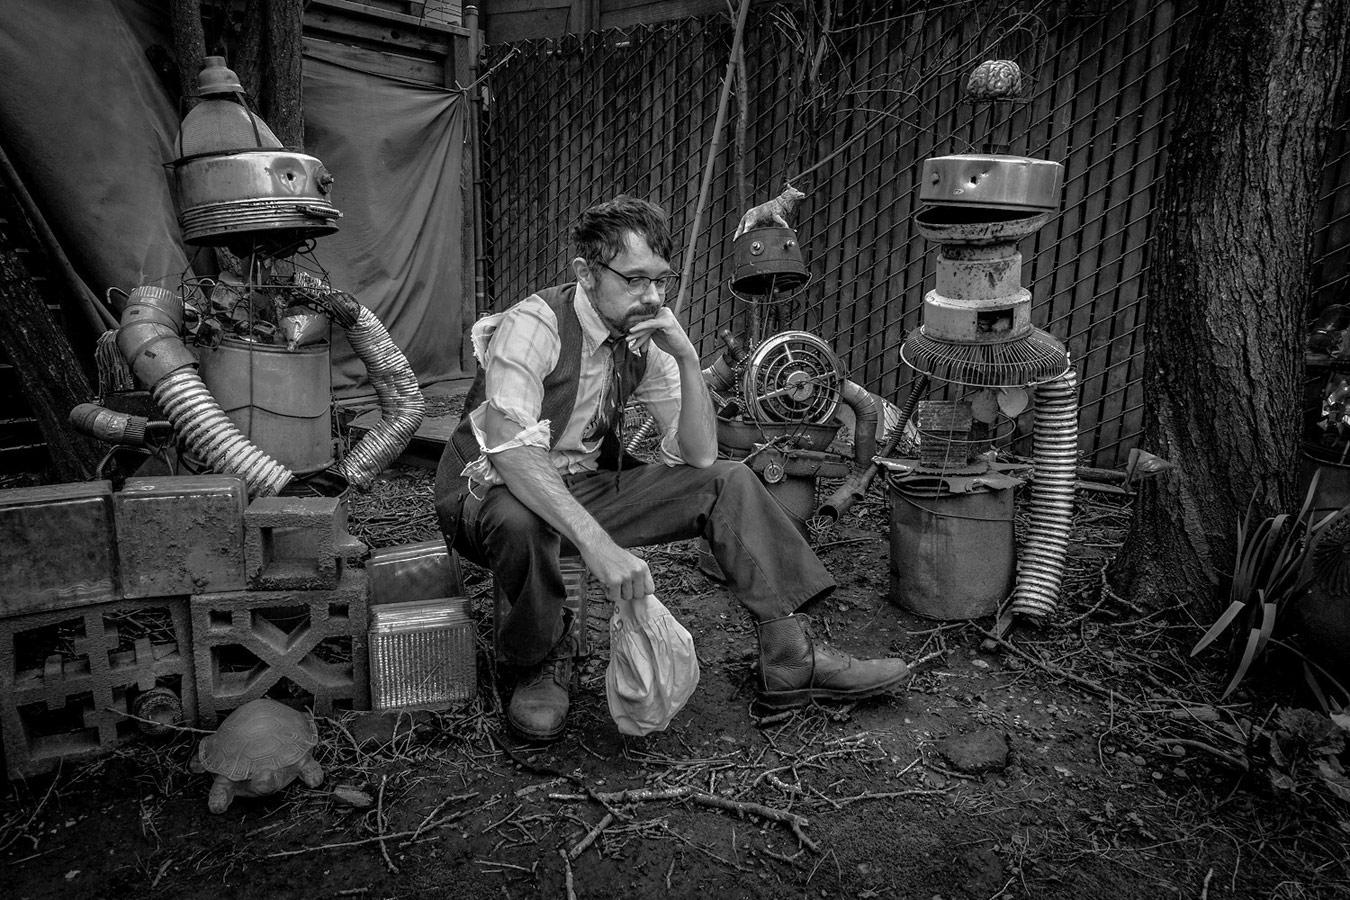 Американский певец Феликс Хэтфилд, © Ларри Луи, Канада, Конкурс портретной фотографии Kuala Lumpur